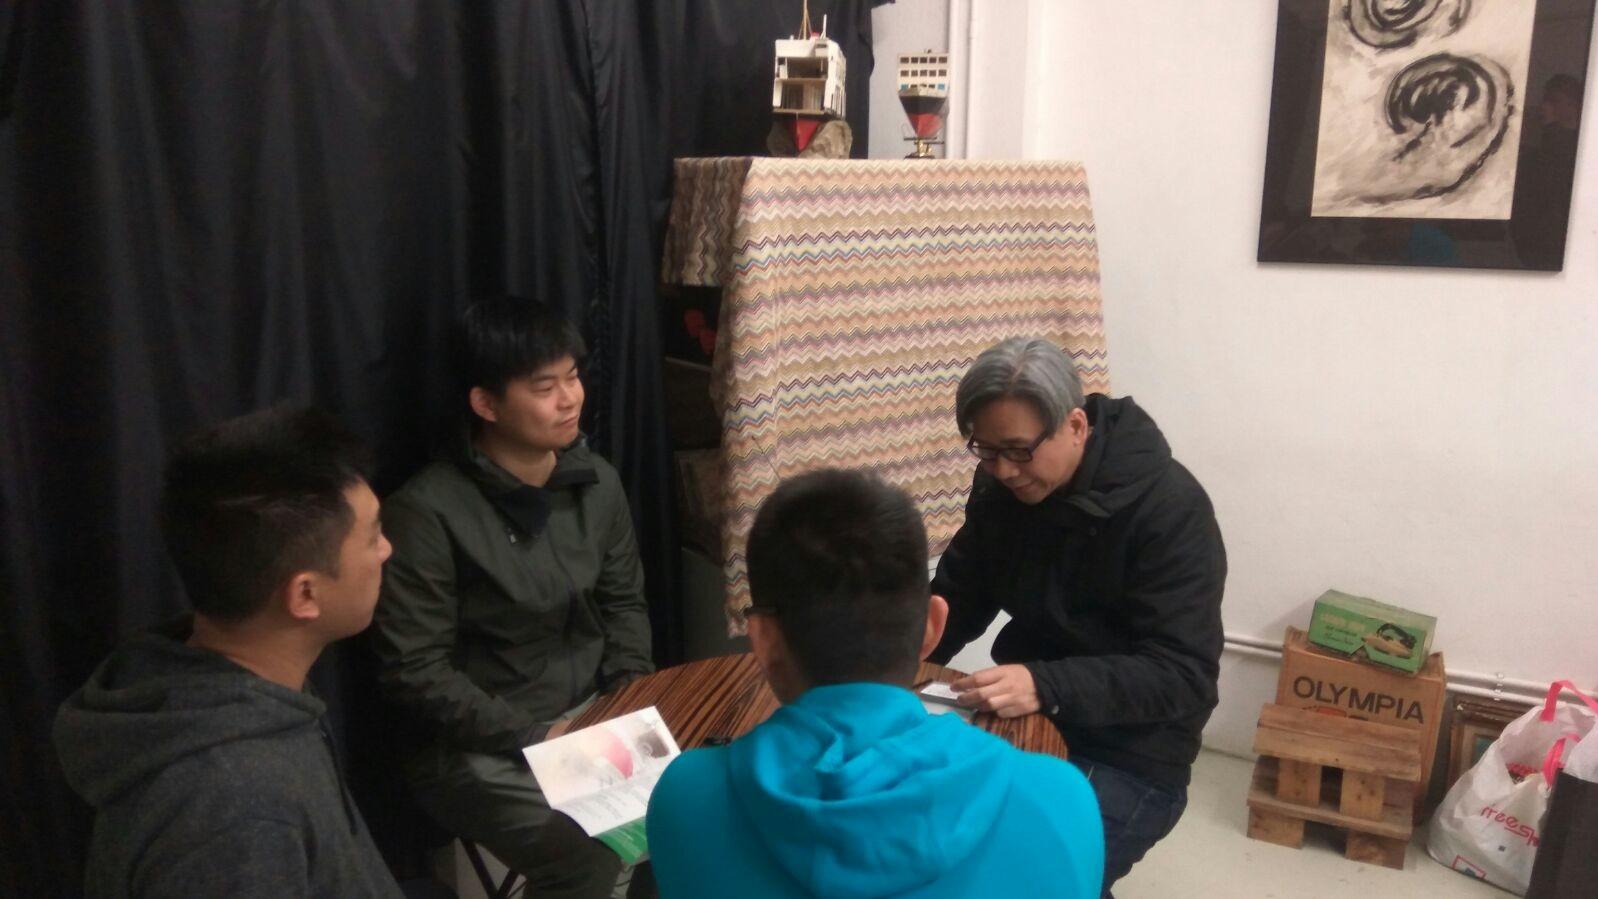 【平民美食車:夢想之第一桶金】天乙慈愛基金會與香港藝術及設計聯會舉行首次交流會